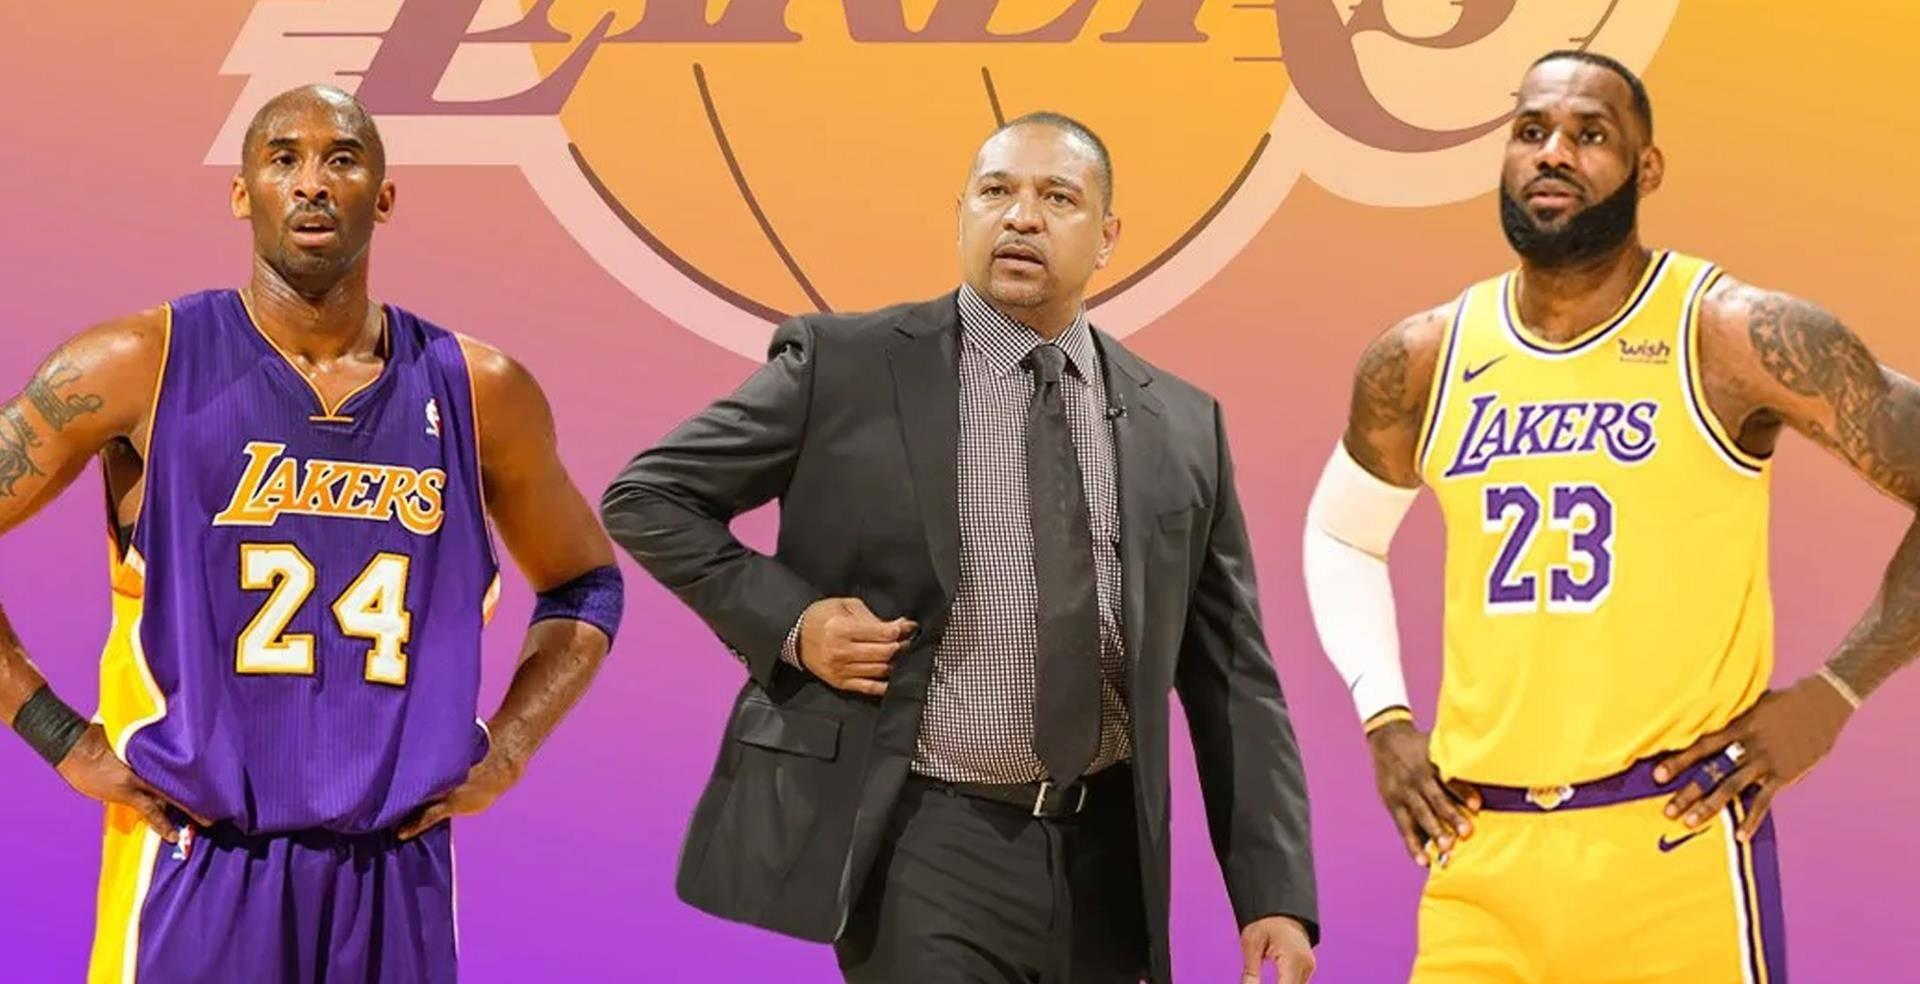 选哪个?科比的心态OR詹姆斯的篮球智商,马克·杰克逊:我选科比